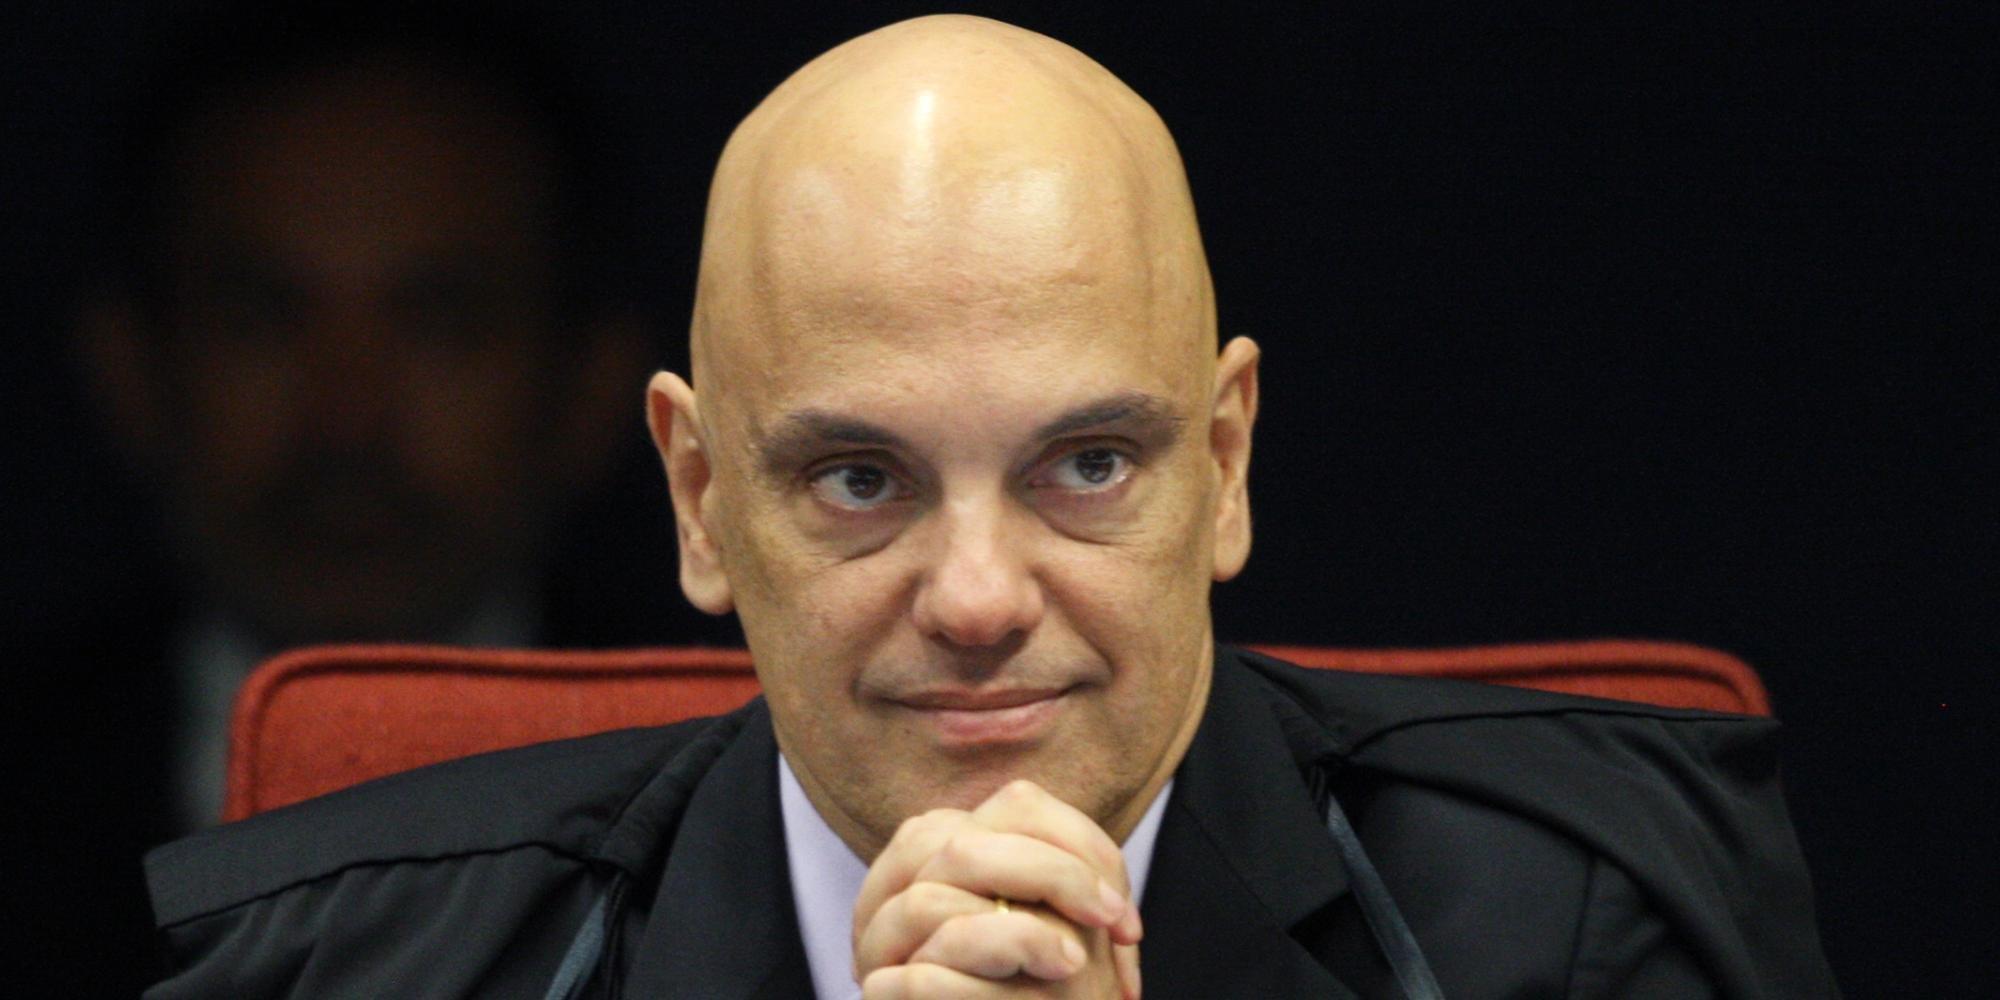 No dia 21 de março, o ministro Alexandre de Moraes, relator, determinou medidas de busca e apreensão no âmbito da investigação